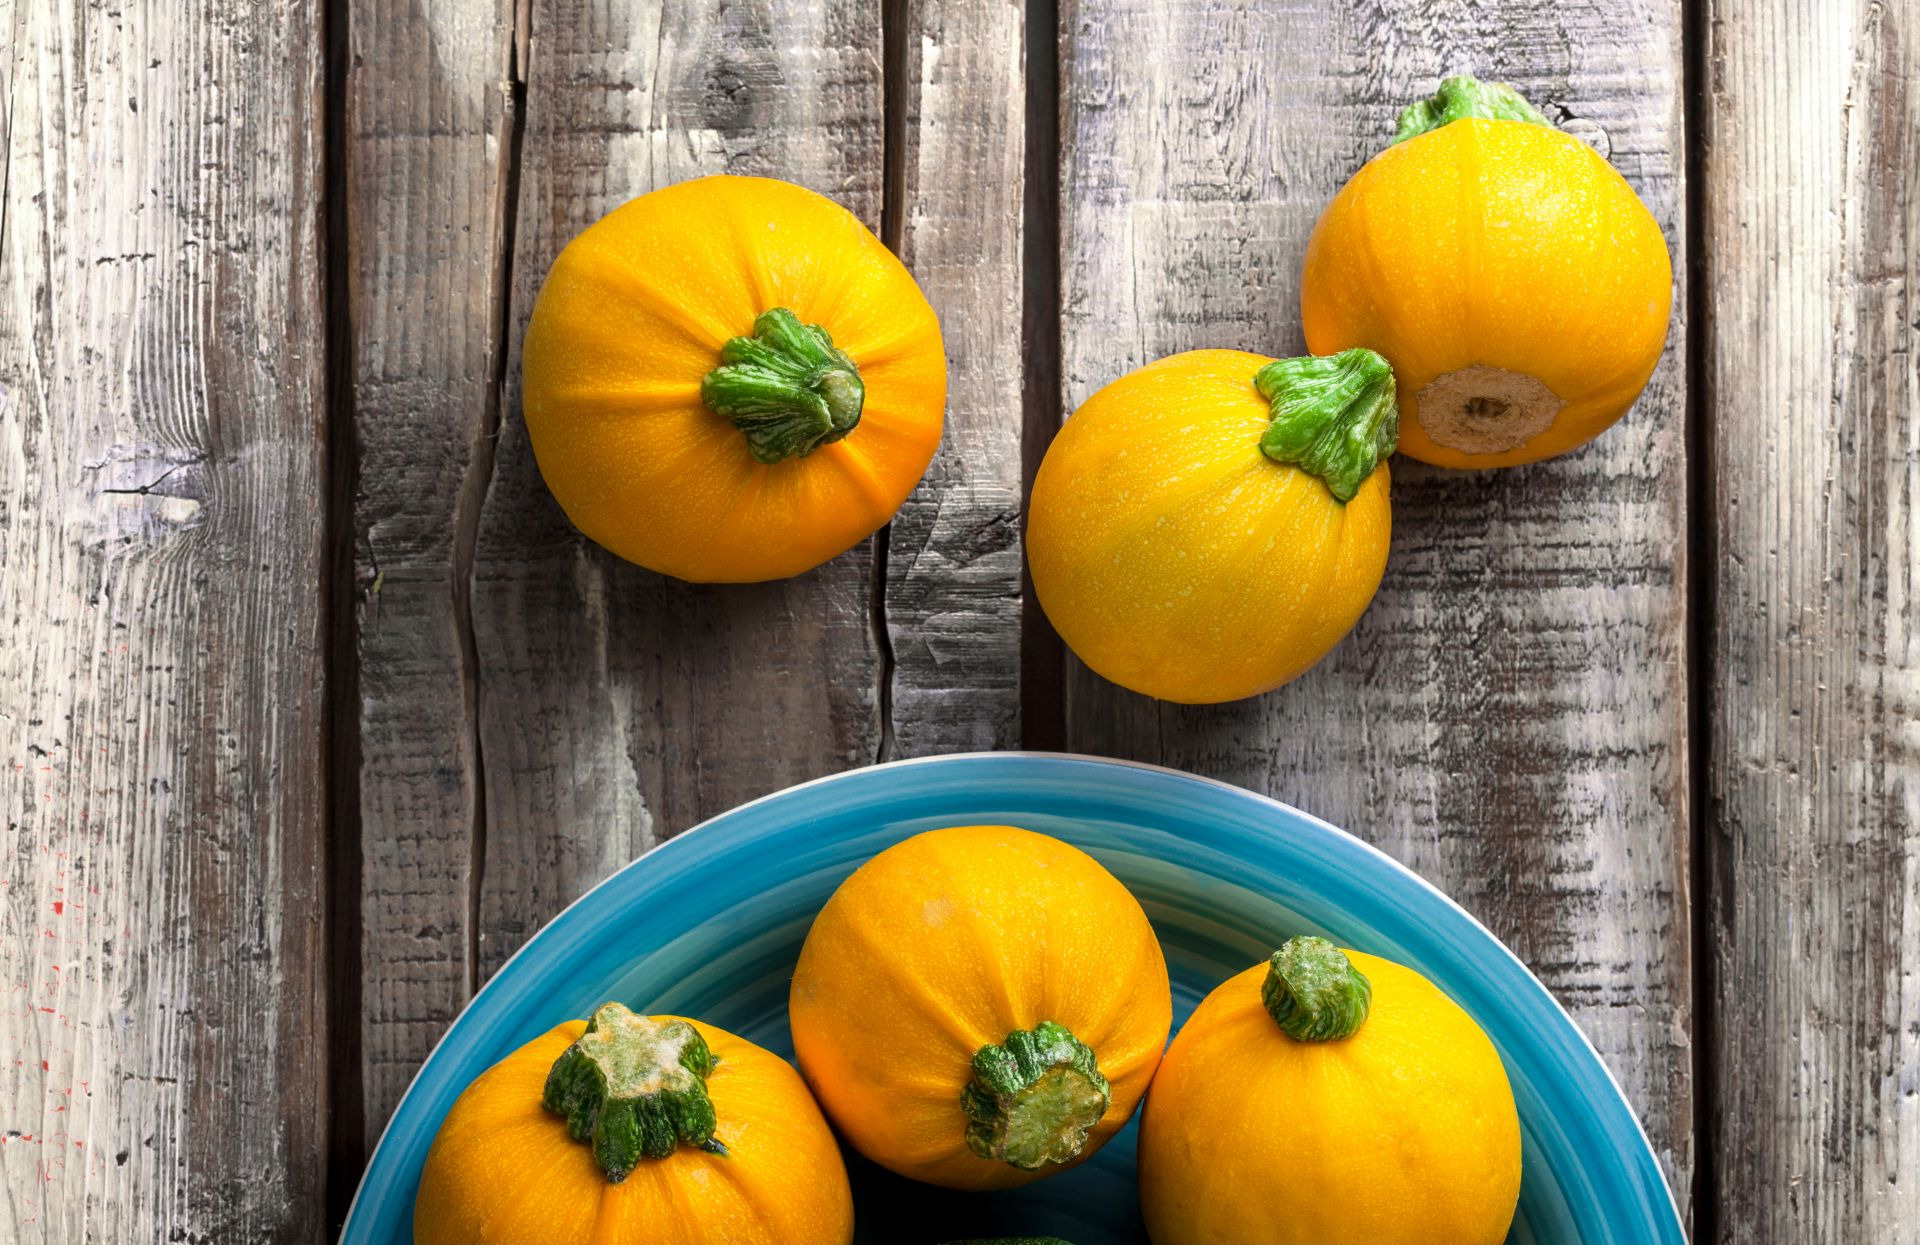 Zielone warzywa i żółta cukinia to składniki, które warto wdrożyć do diety dla serca - lekkostrawne dania z cukinii to bogactwo witamin.